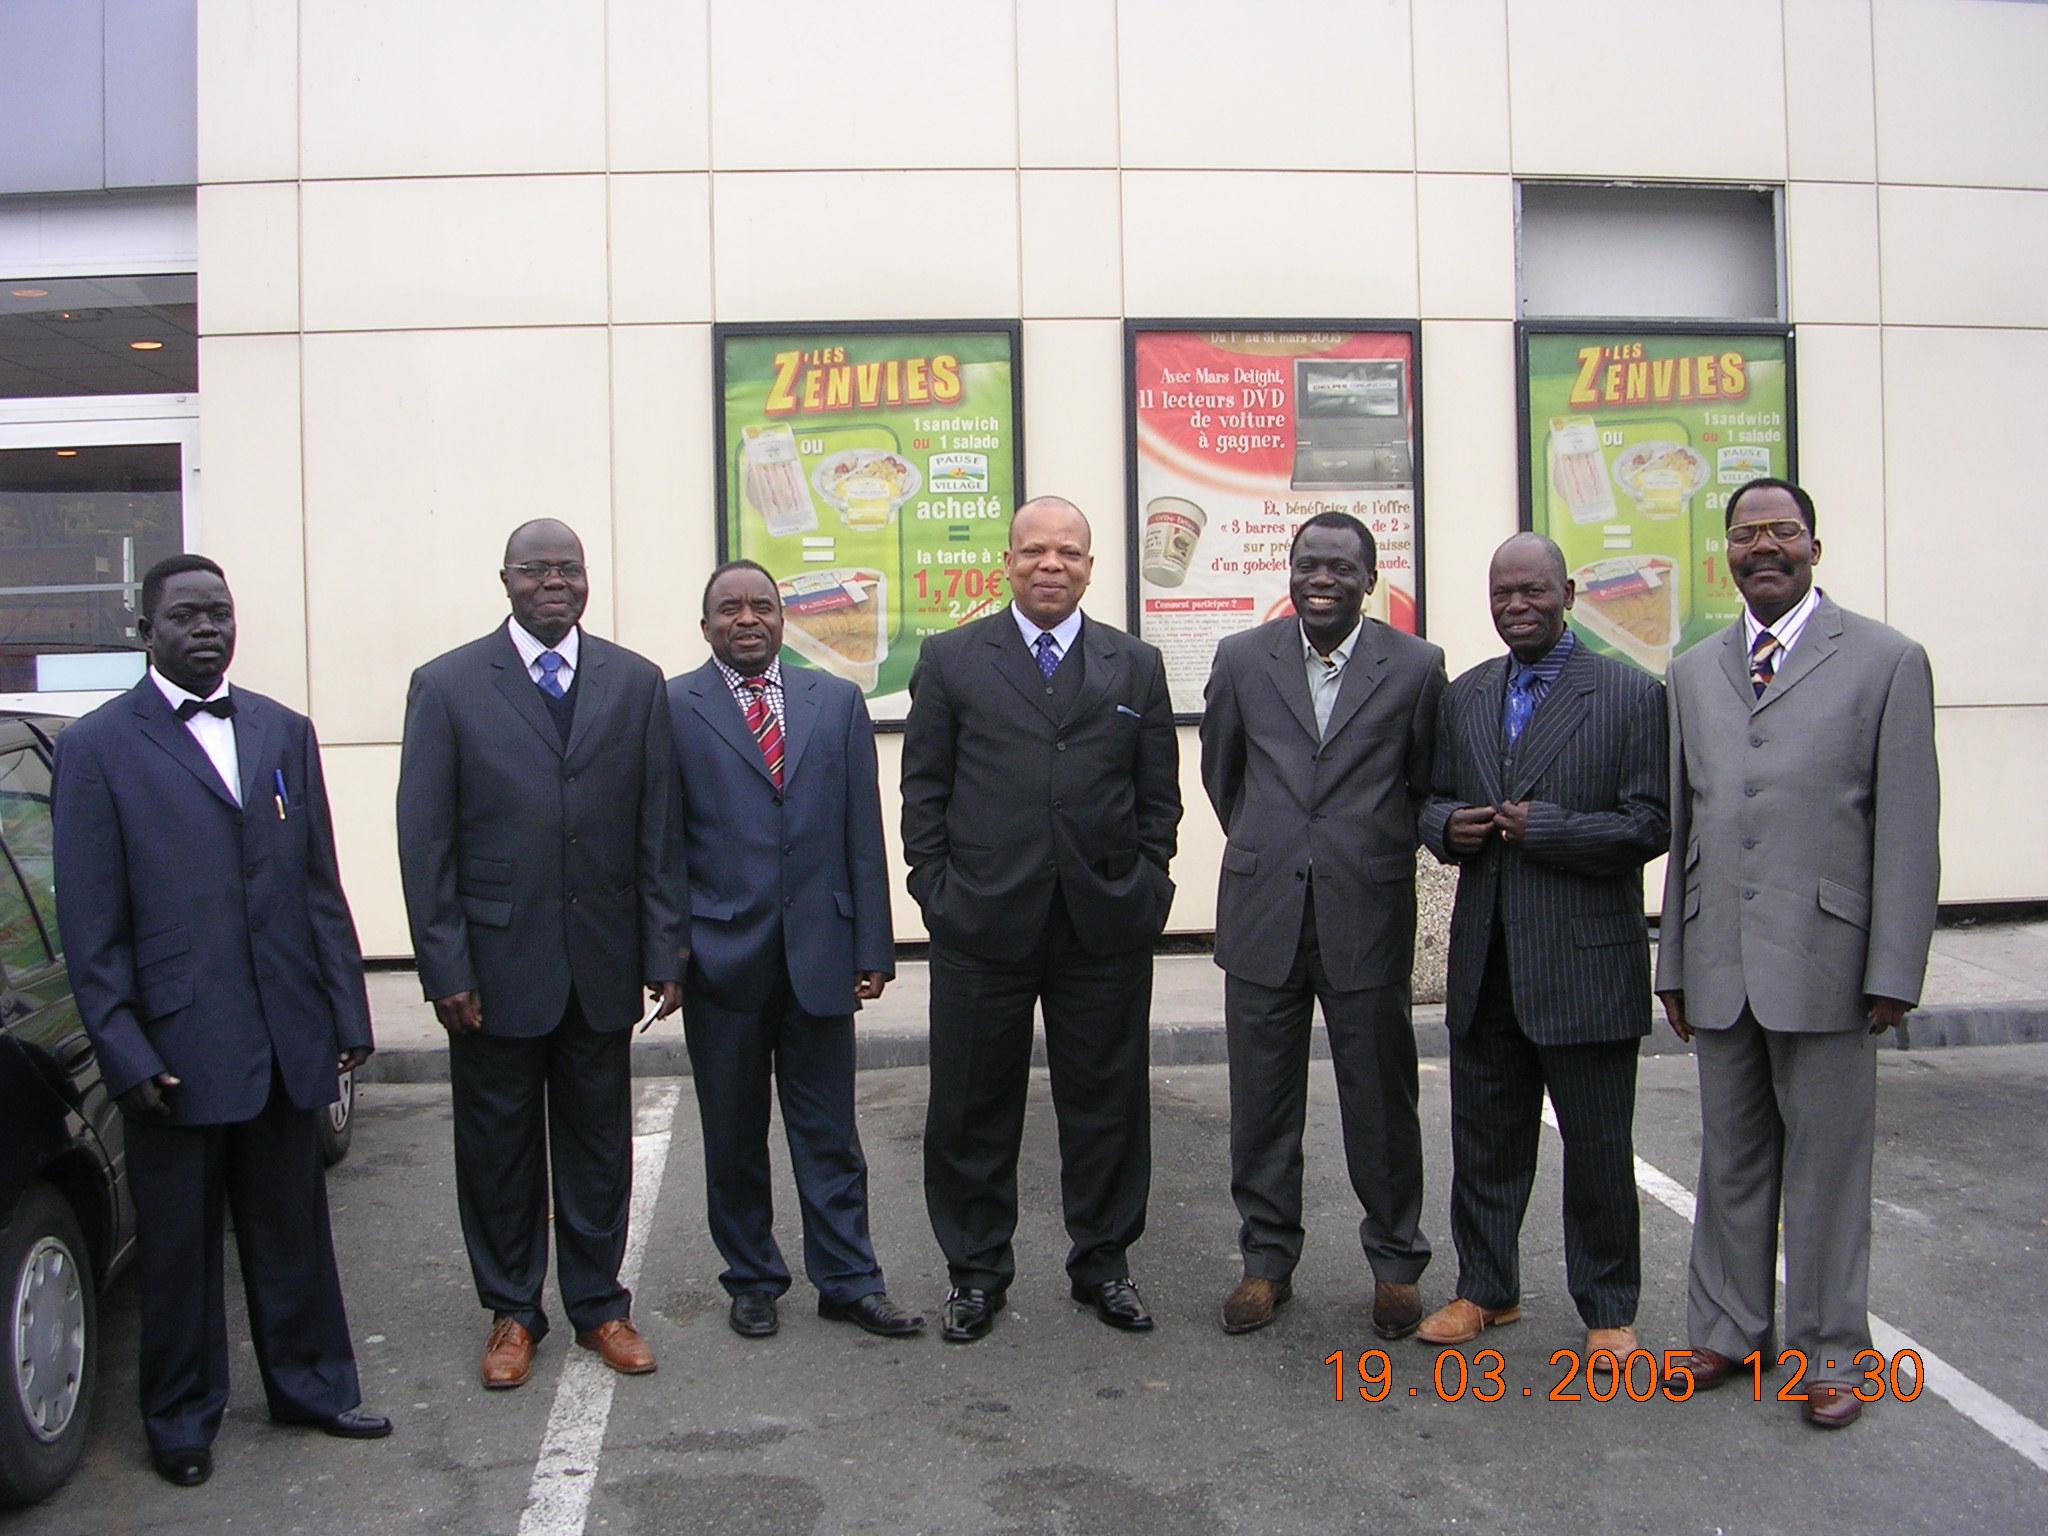 UNIC-France 2005